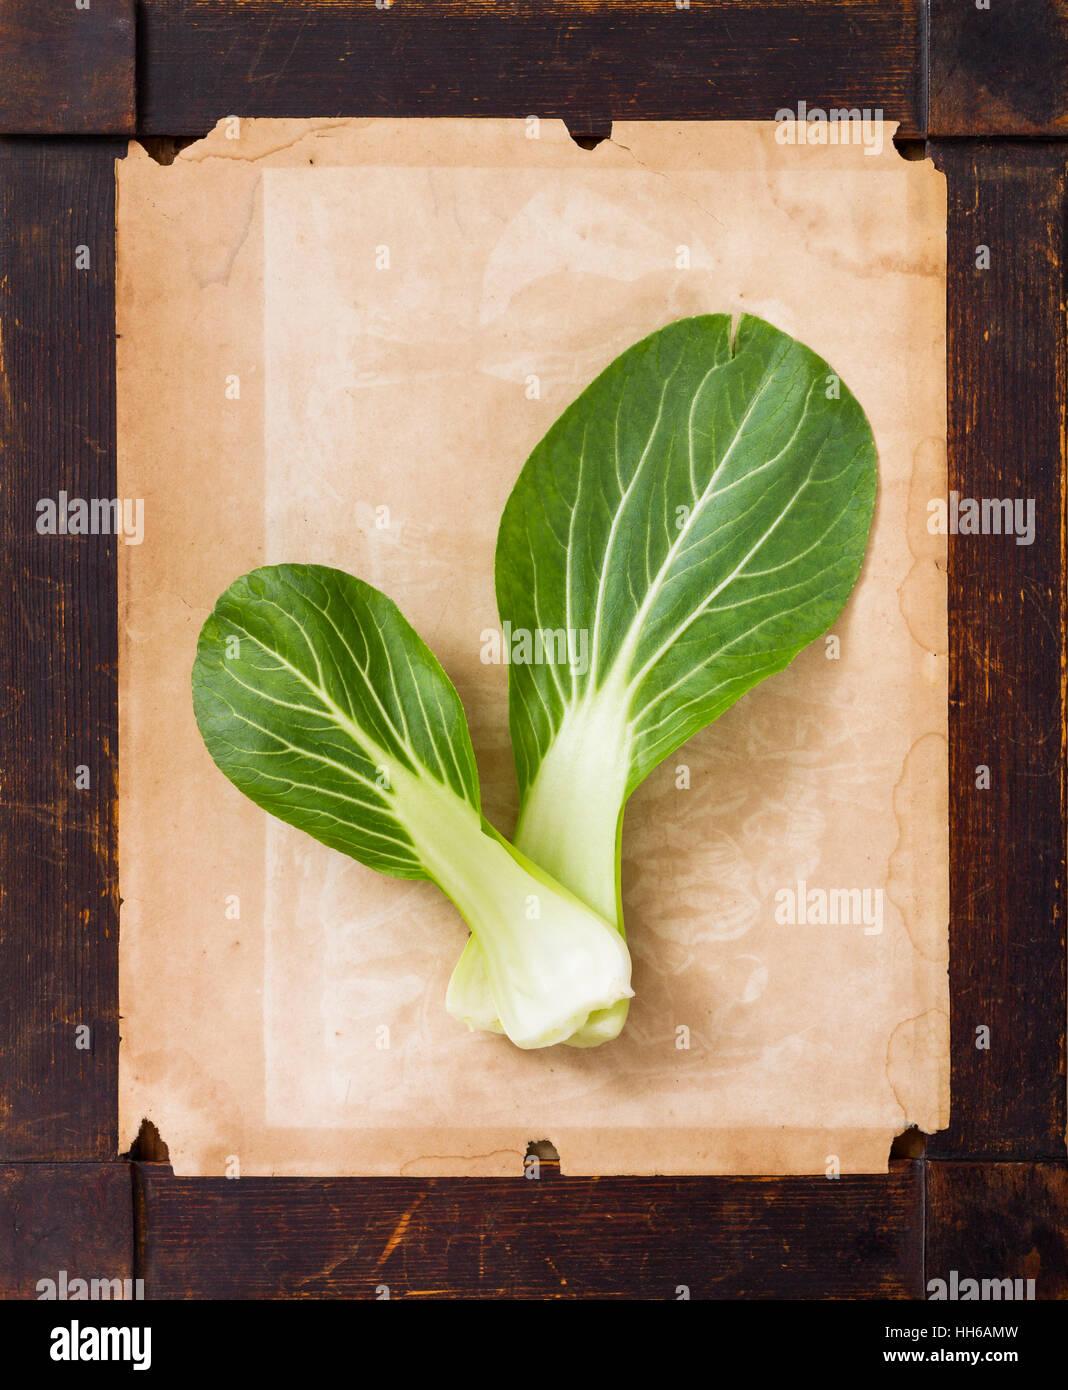 Pak Choi Gemüse auf dem vergilbten Papier in einem Alter Holz ...